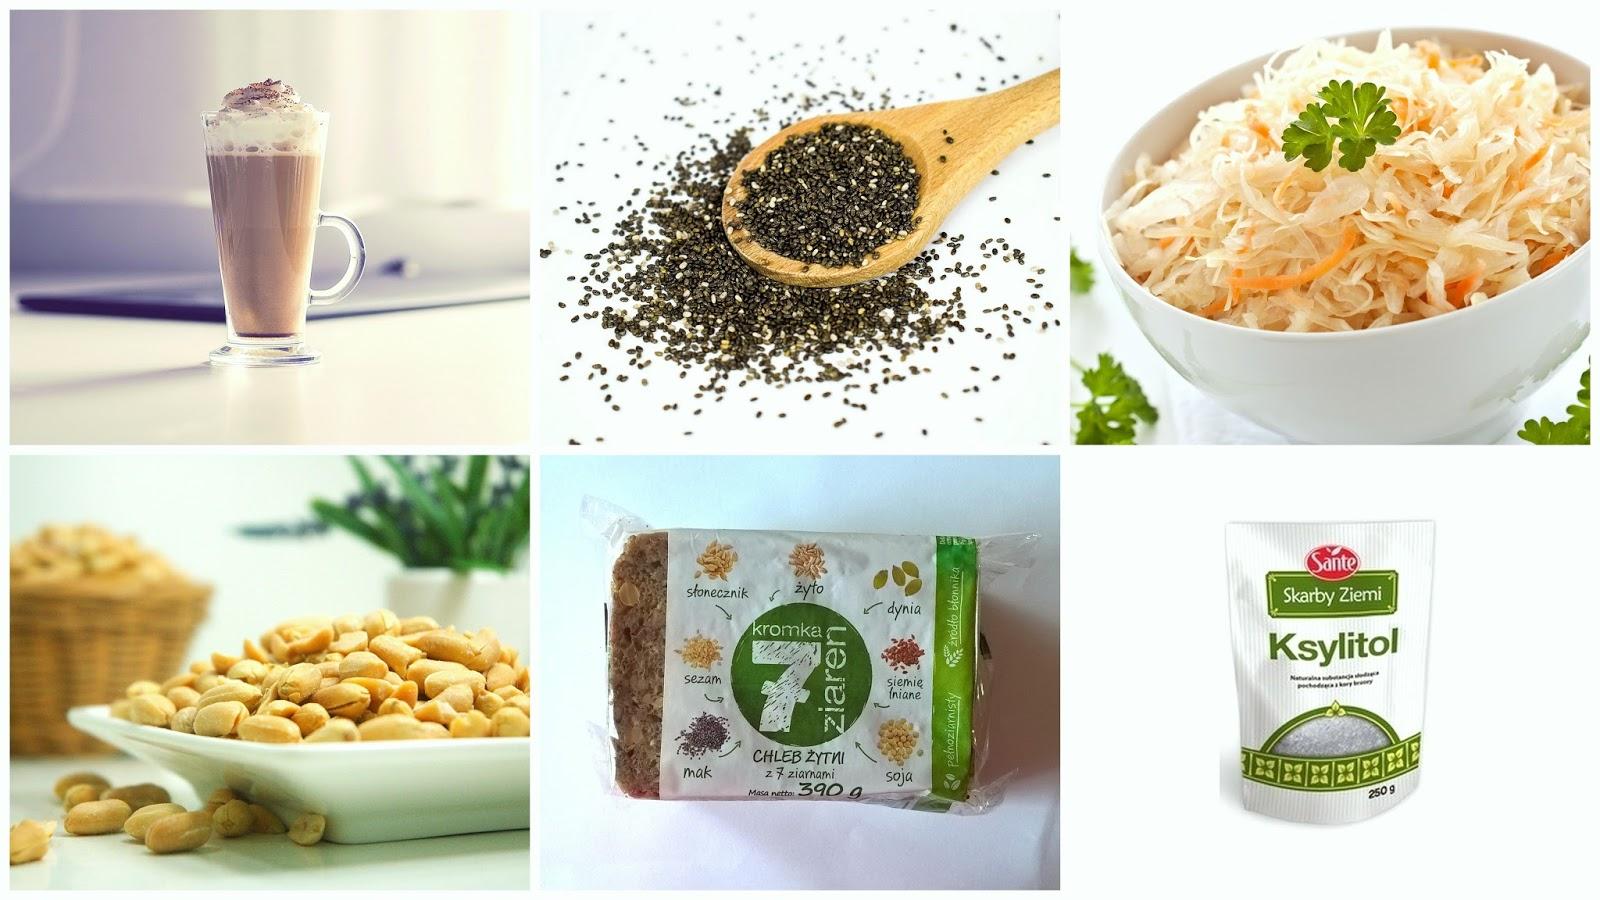 Moje top 6- produkty, które pomogły mi przetrwać na diecie cukrzycowej.